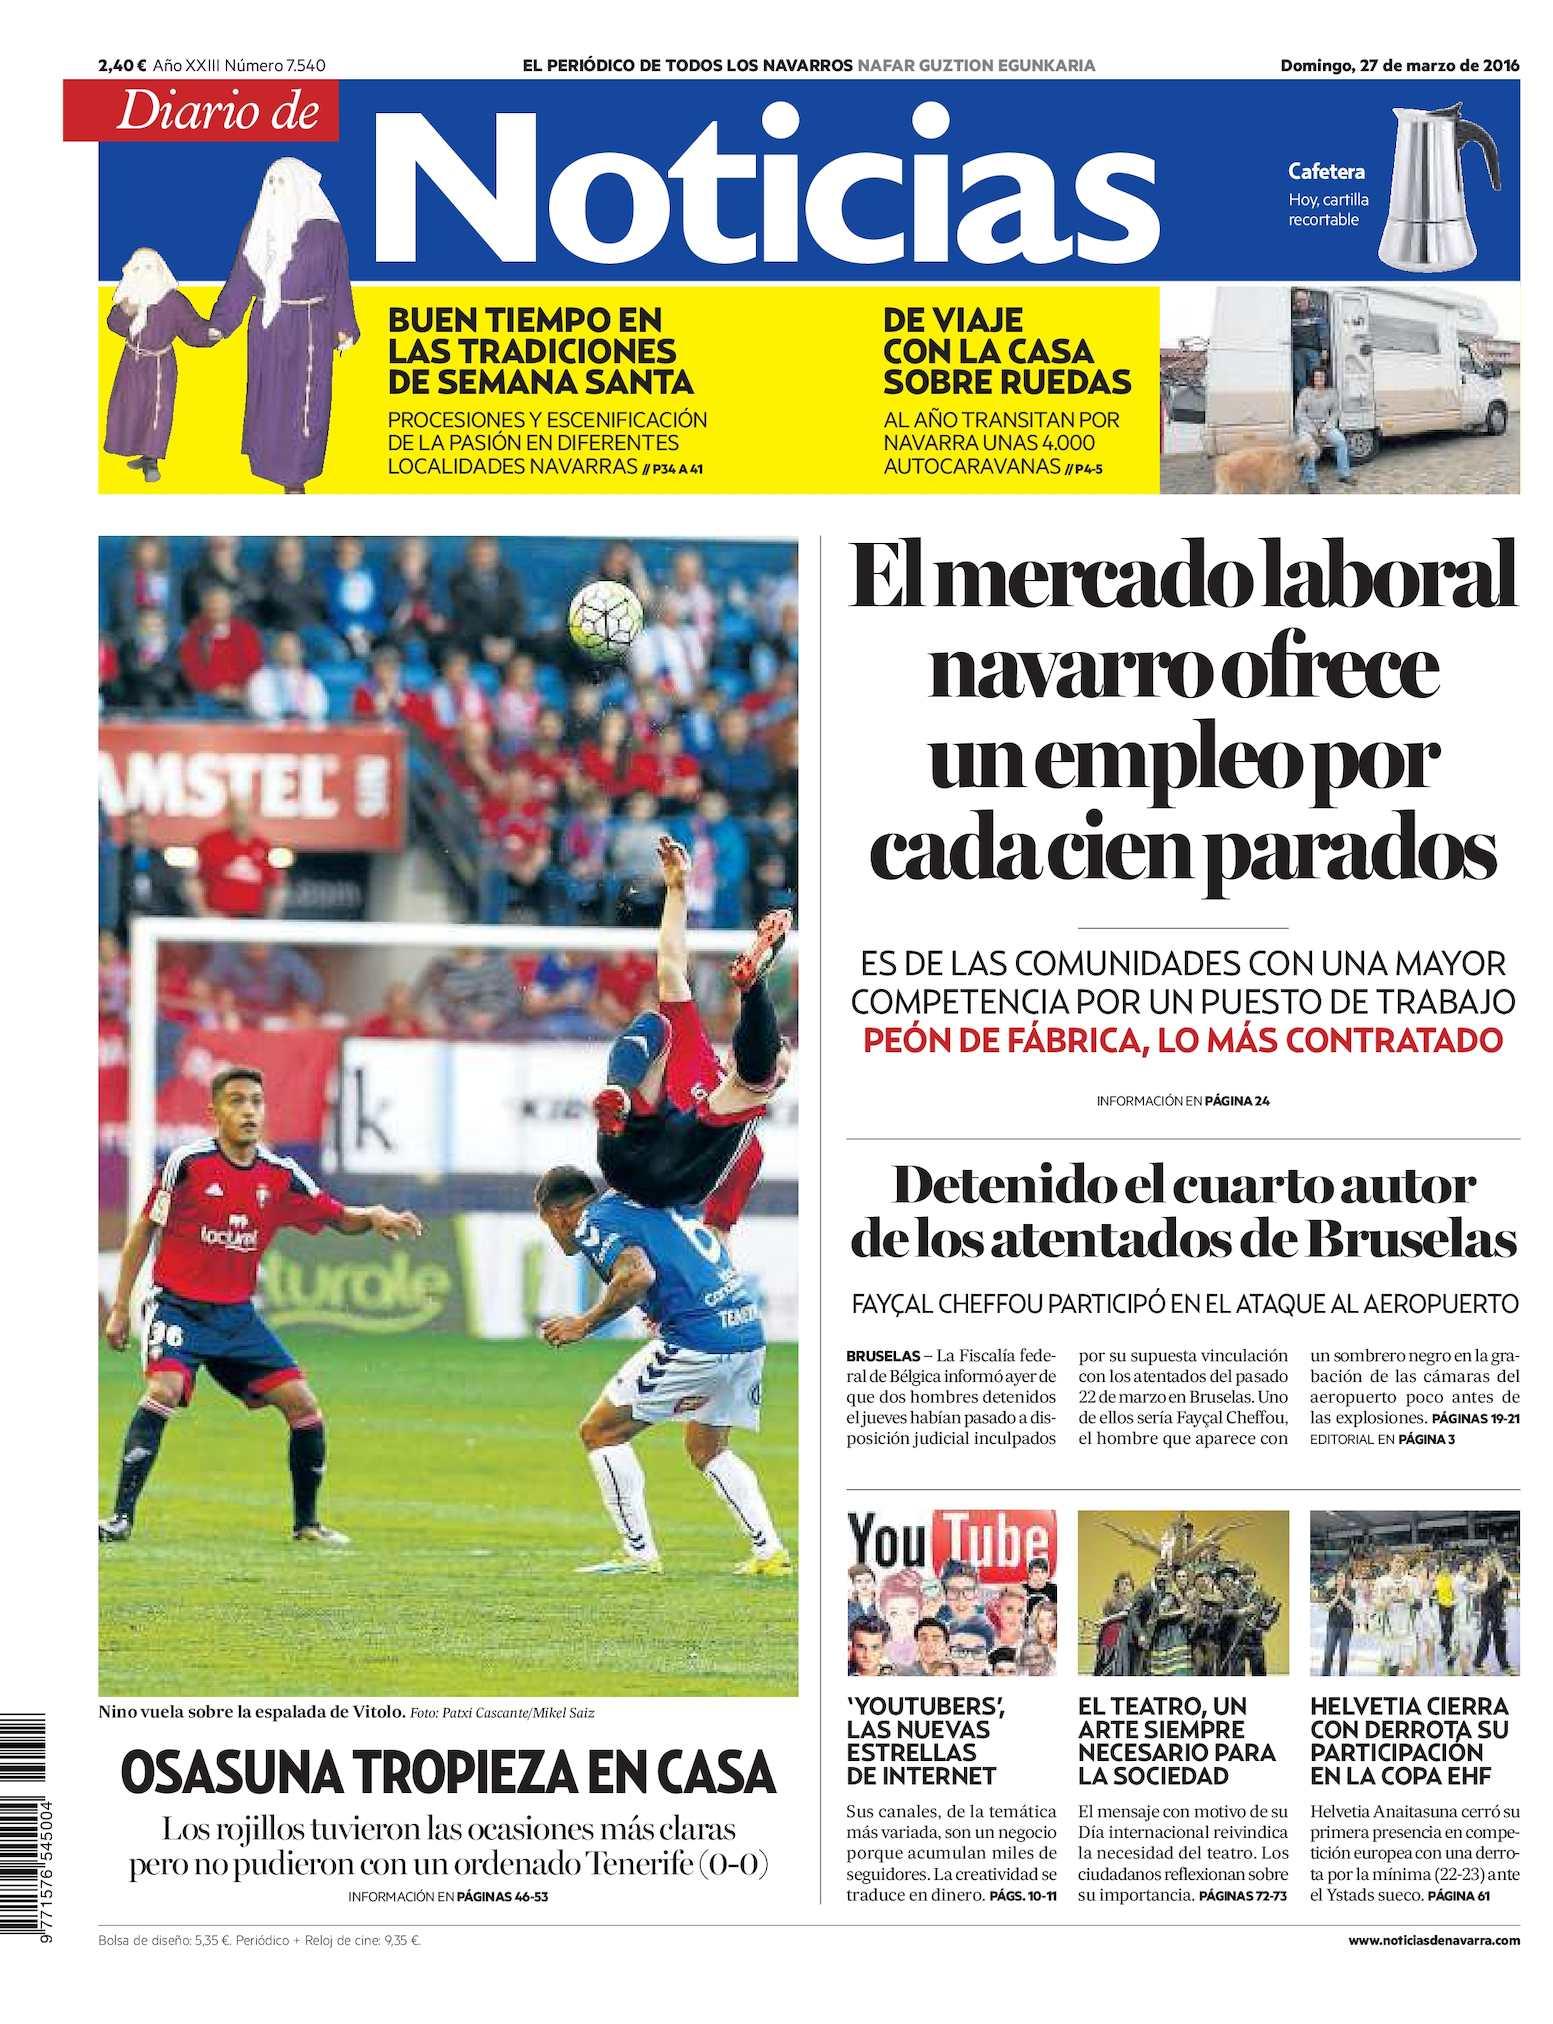 Calaméo - Diario de Noticias 20160327 45cc29b36f7